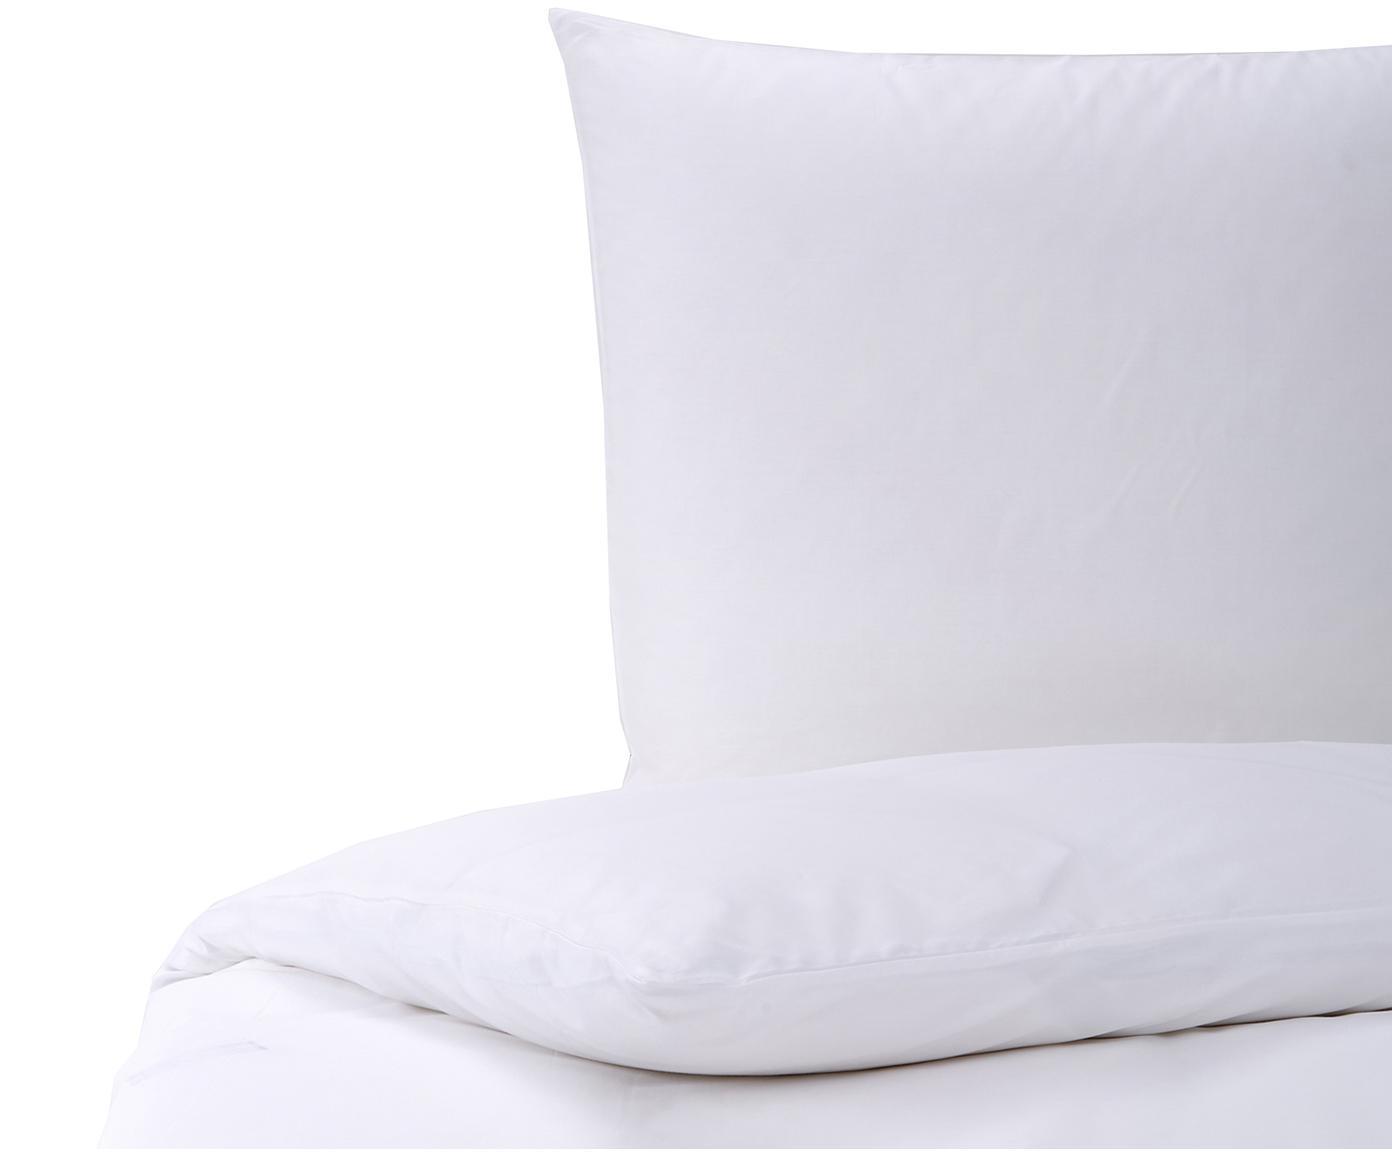 Mako-Satin Bettwäsche Marco in Weiß, Webart: Mako-Satin Mako-Satin wir, Weiß, 135 x 200 cm + 1 Kissen 80 x 80 cm